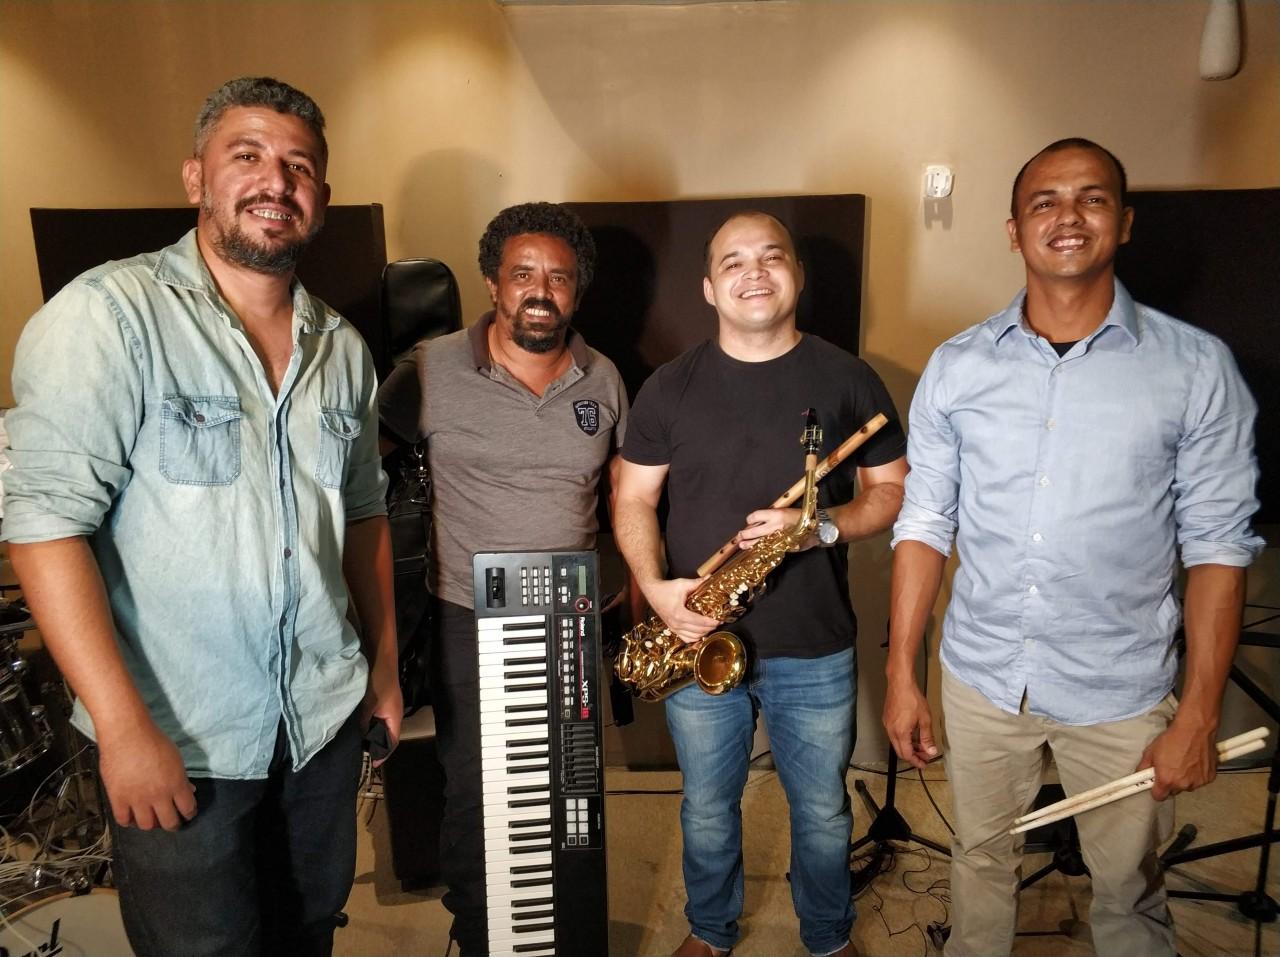 """IMG 20201201 215543 - Espalhando cultura, cantor paraibano lança novo álbum """"Joab Sax Quarteto Ao Vivo"""" nas plataformas digitais"""